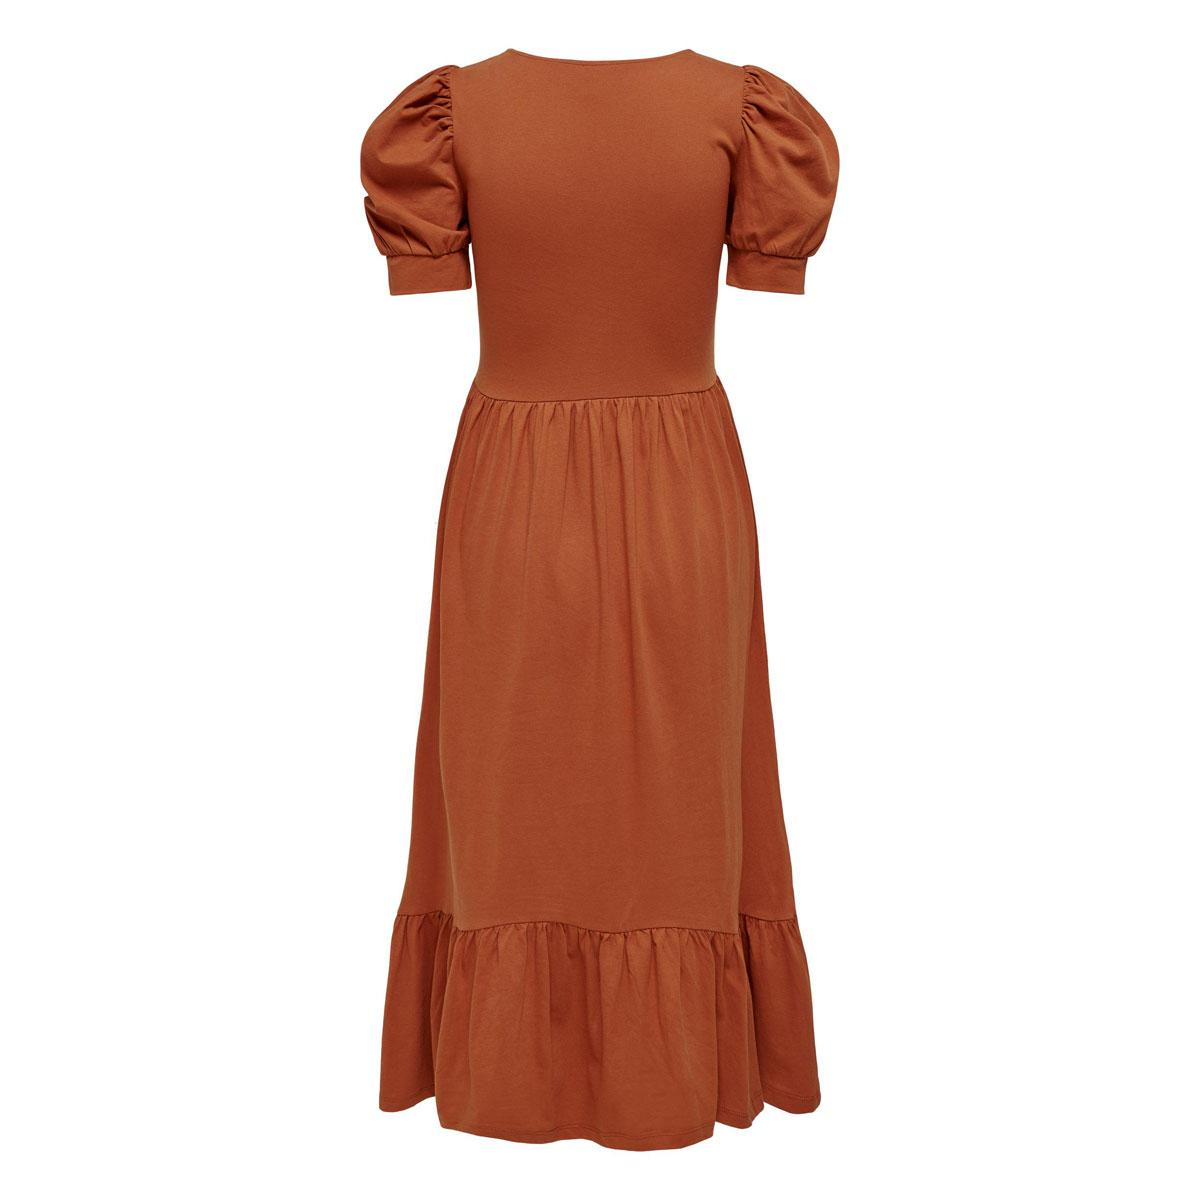 ONLY | Dress | 15226993ARABIAN SPICE